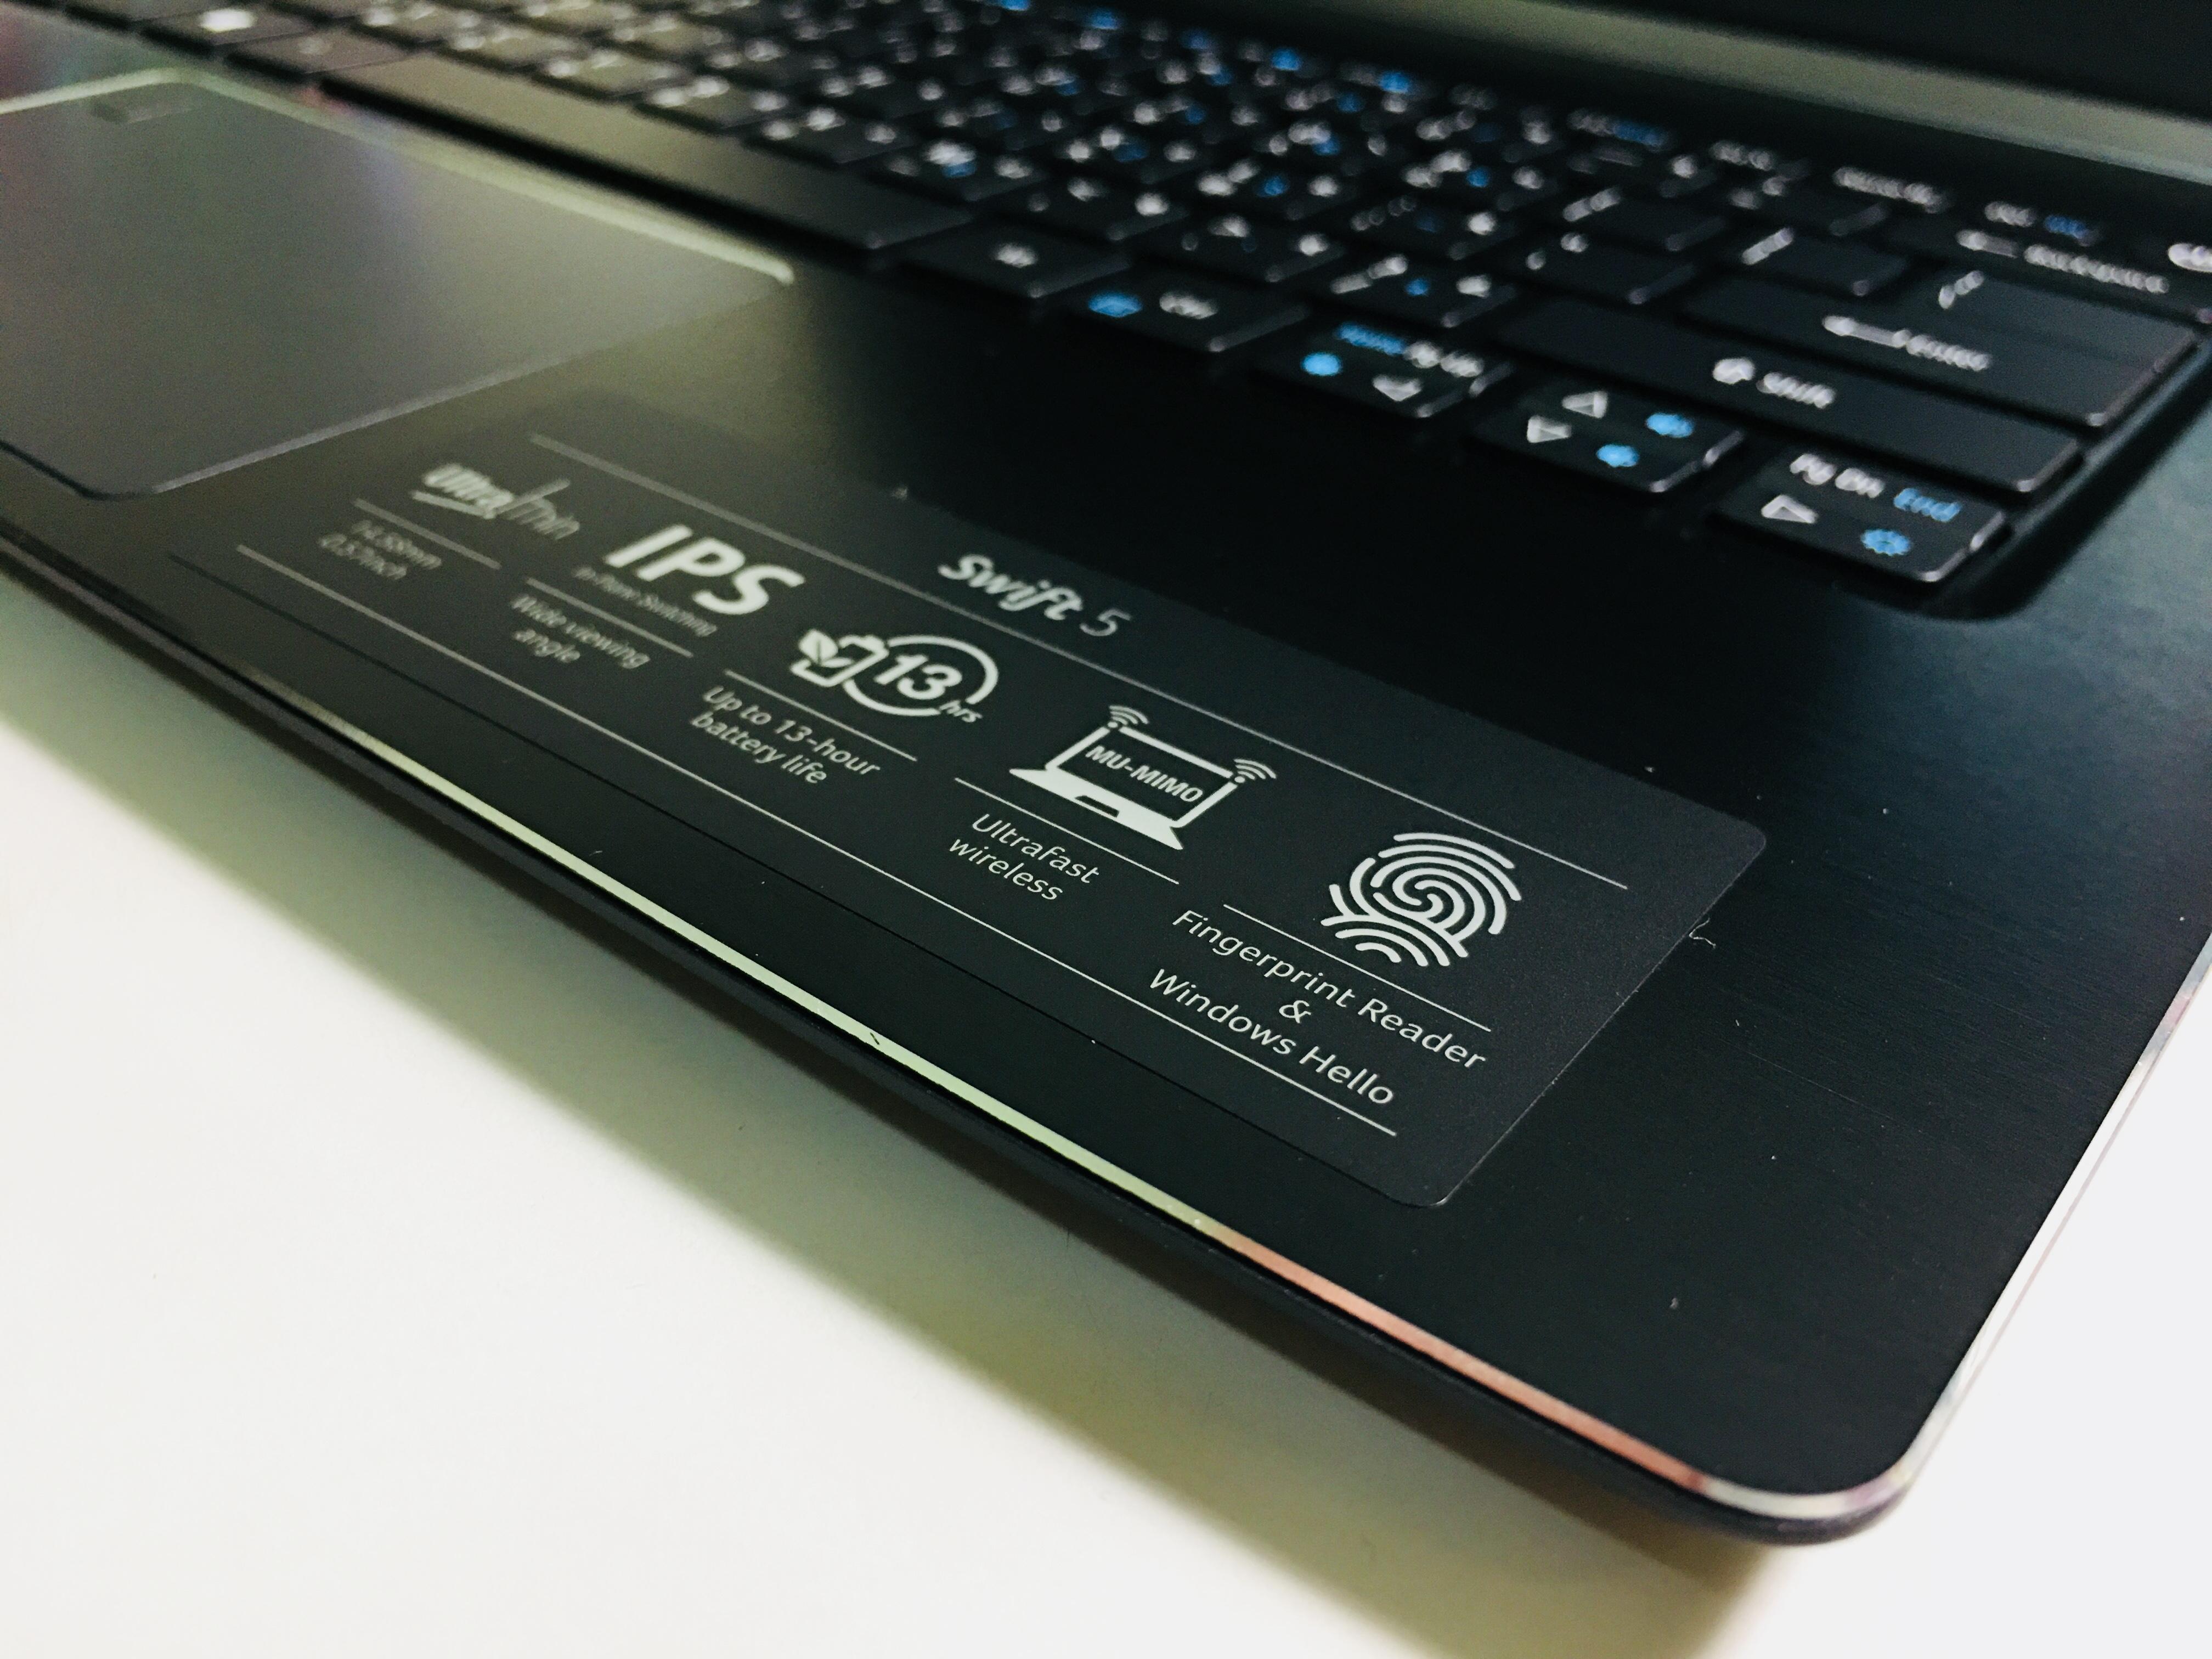 機身右方裁切,並貼有功能特色的貼紙。 Ultra Thin超薄機身,14.58mm,0.57inch IPS螢幕,超廣視角 長效電池,官方版測試高達13小時使用時間 指紋辨識